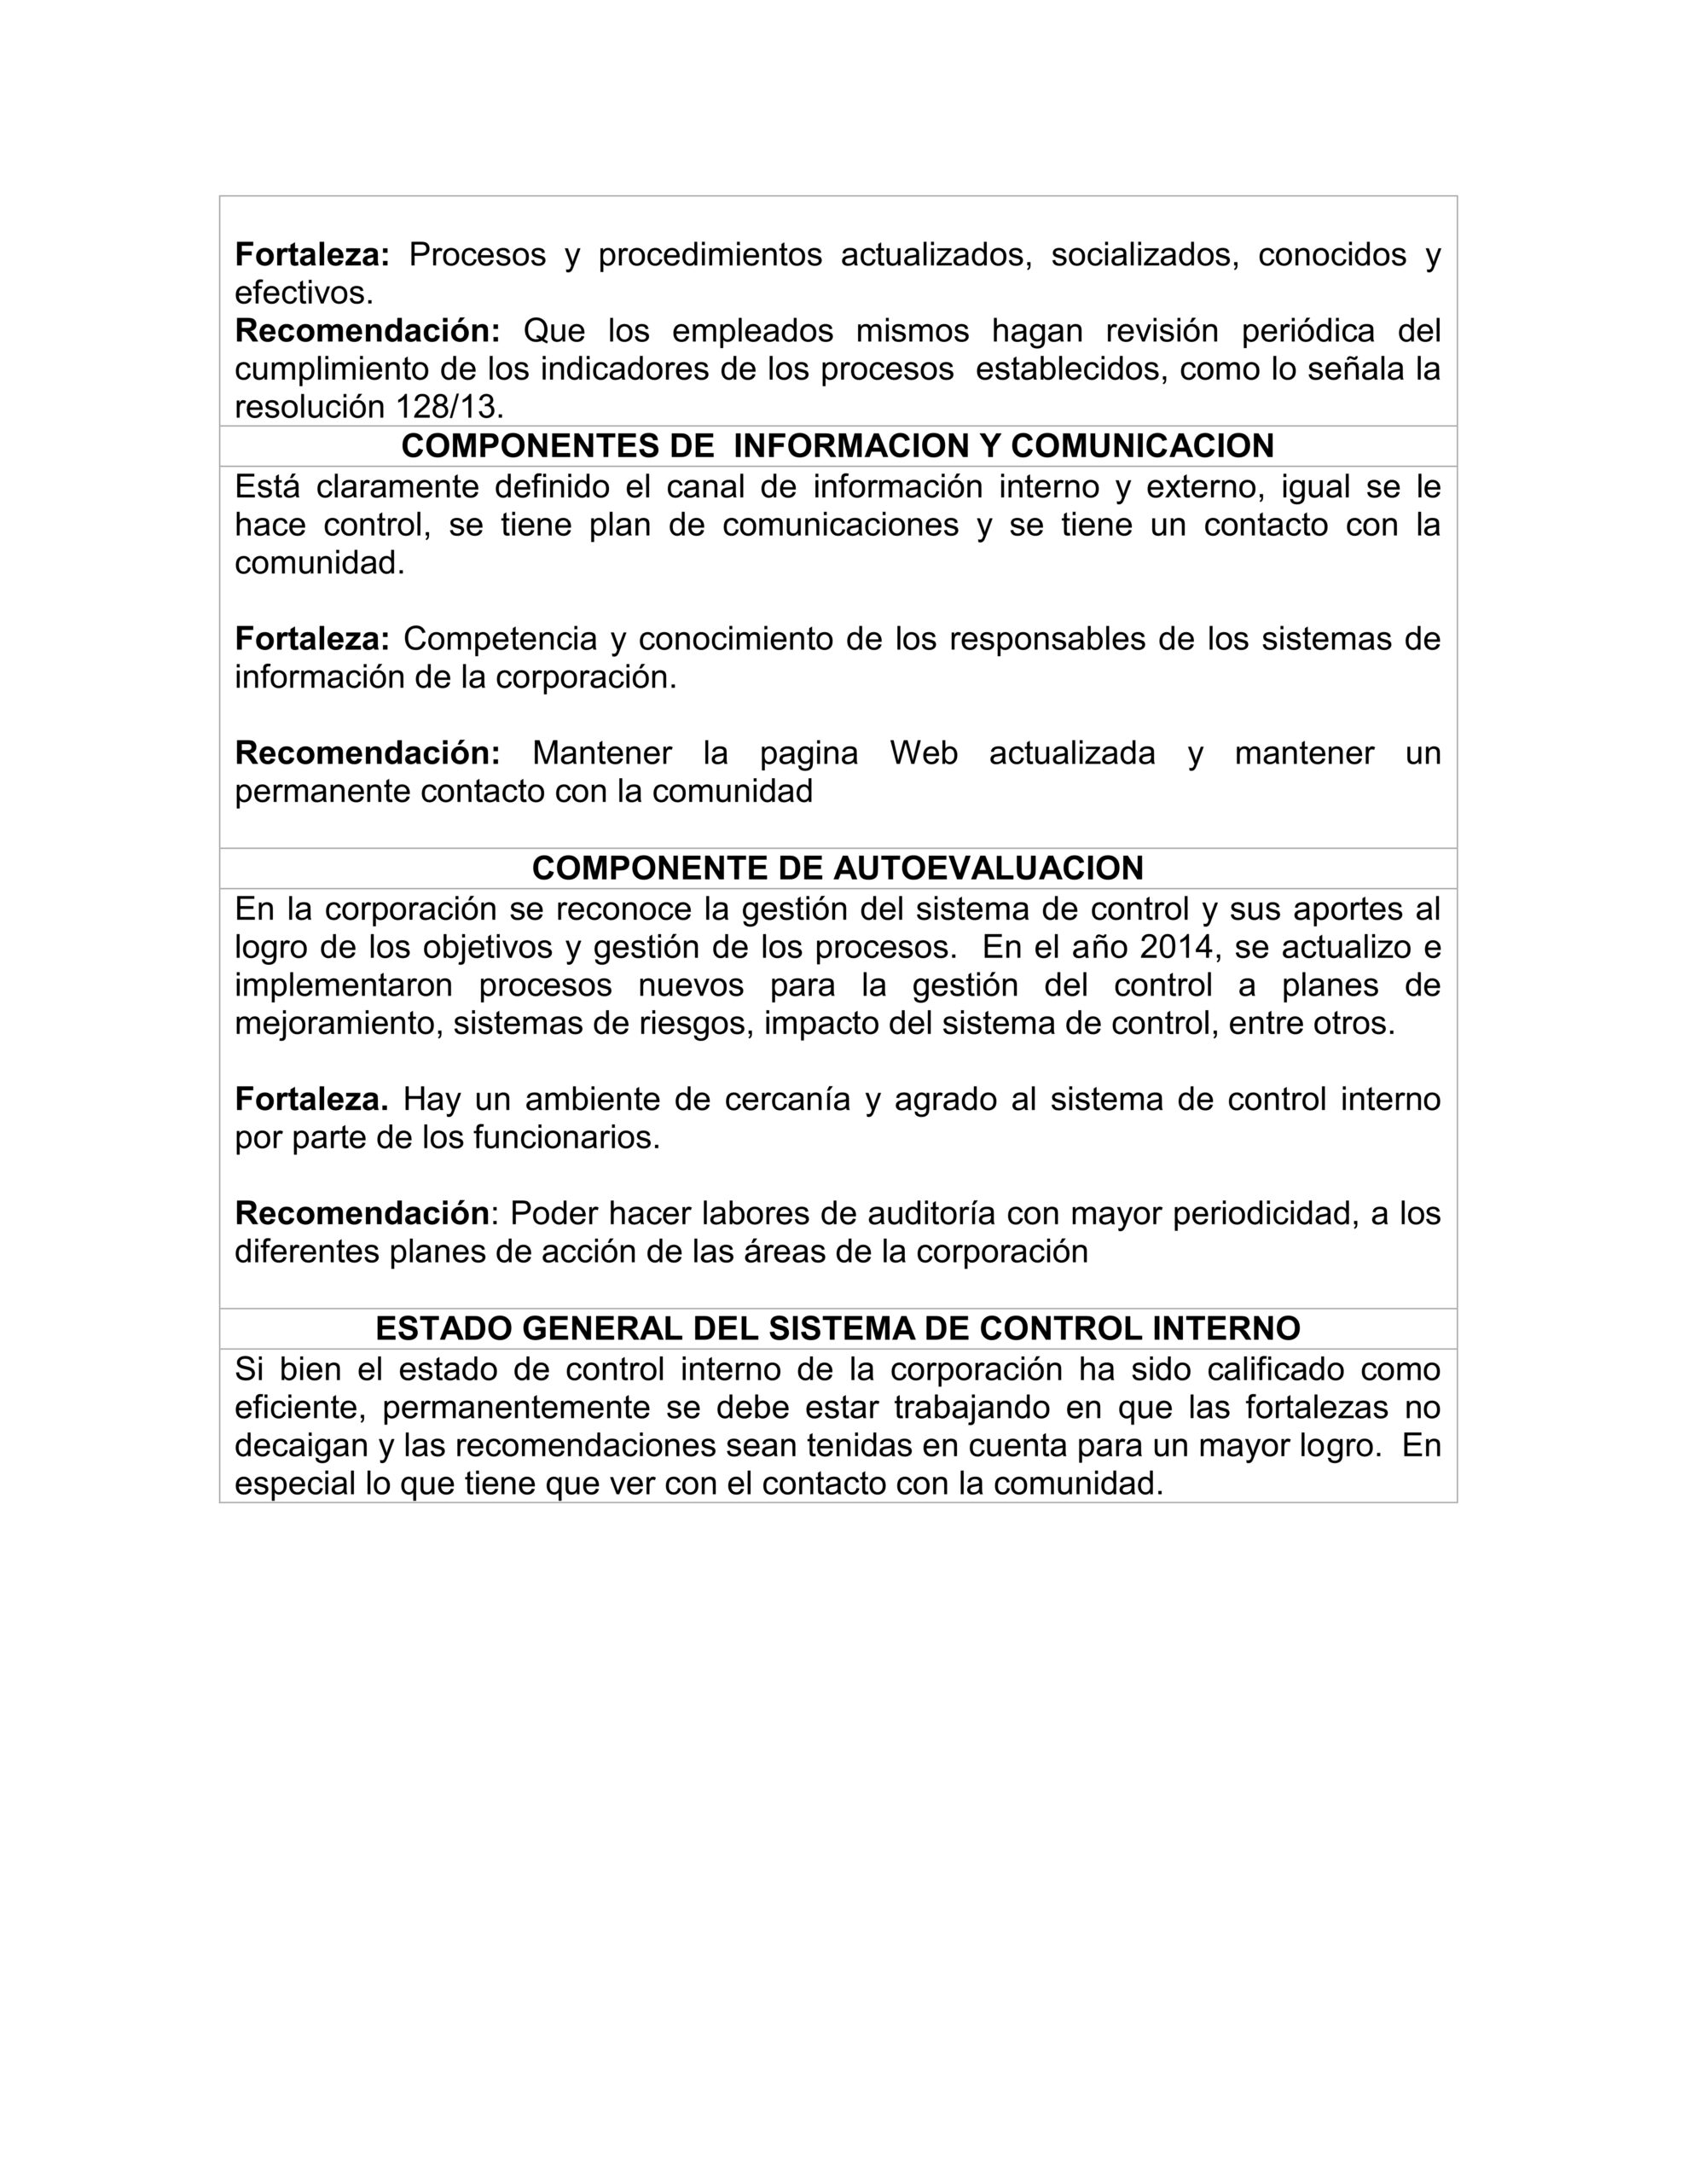 https://concejodeitagui.gov.co/wp-content/uploads/2020/11/2014_tercerinforme2-scaled.jpg